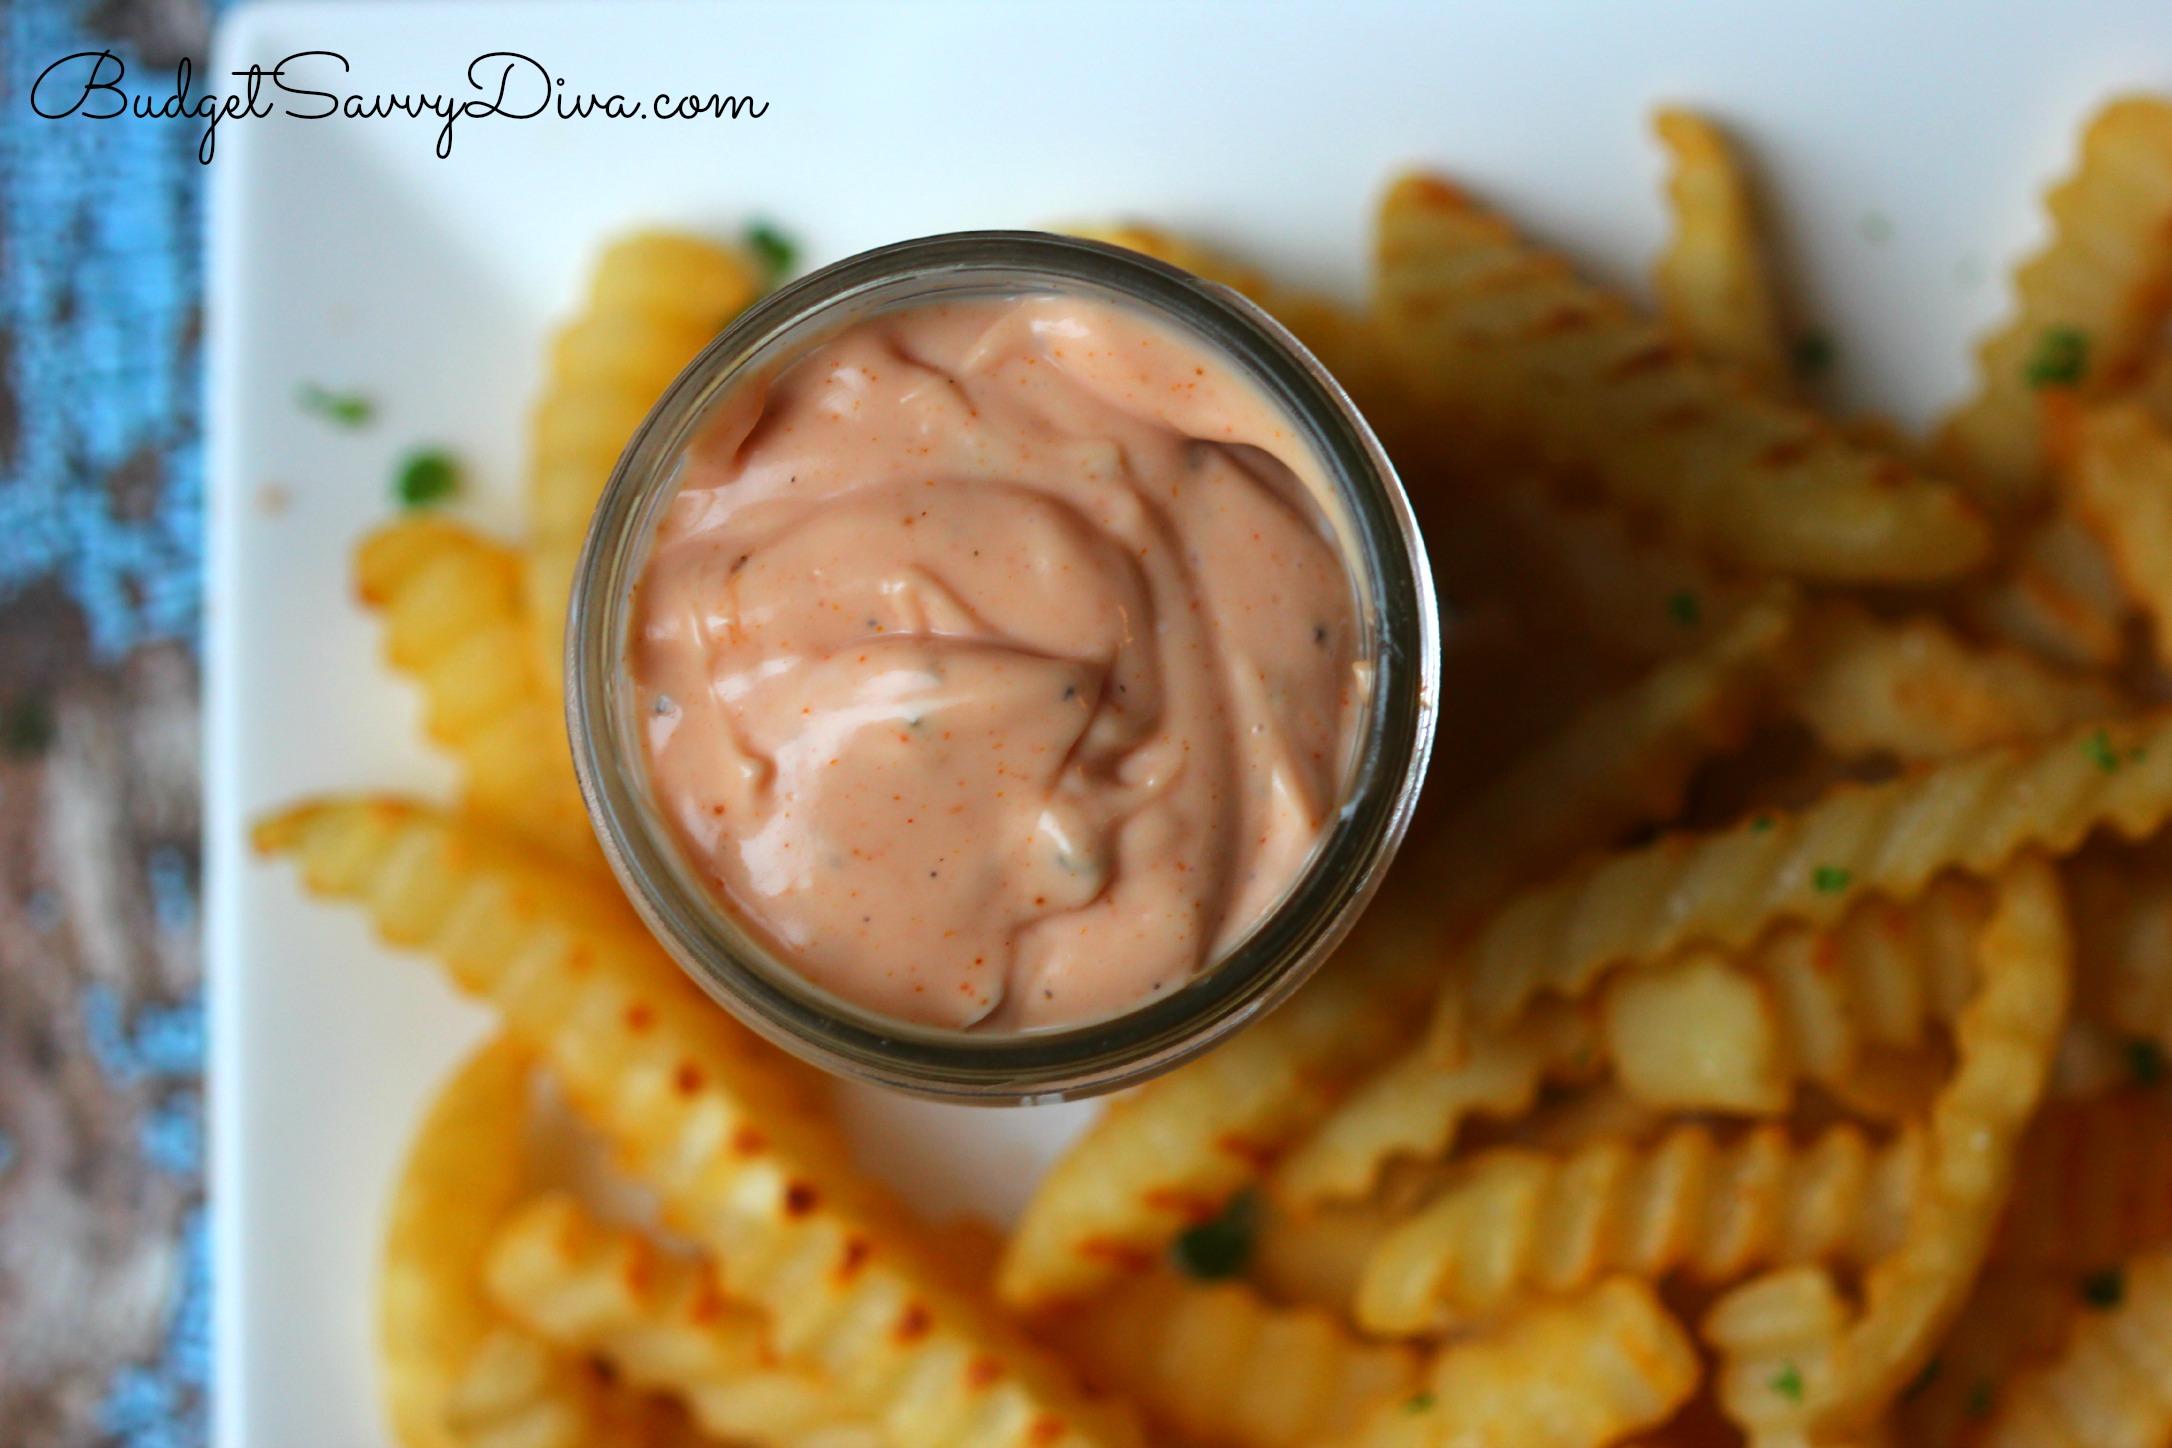 Easy and ketchup and mayonnaise dip recipes